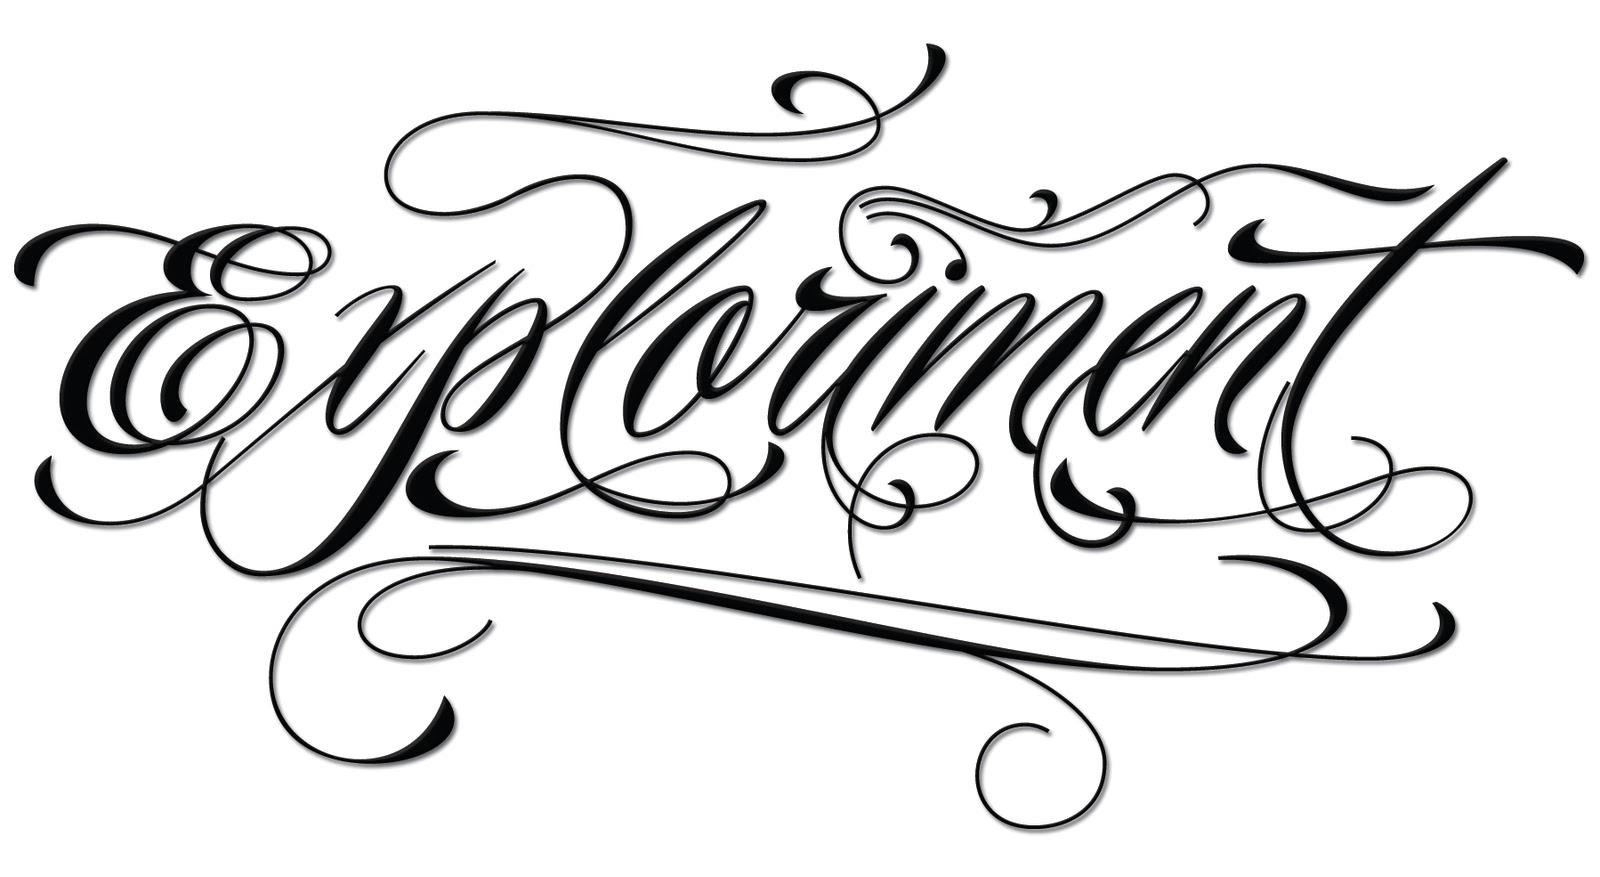 Free Online Font Generator Tattoos: Exploriment: Piel Script